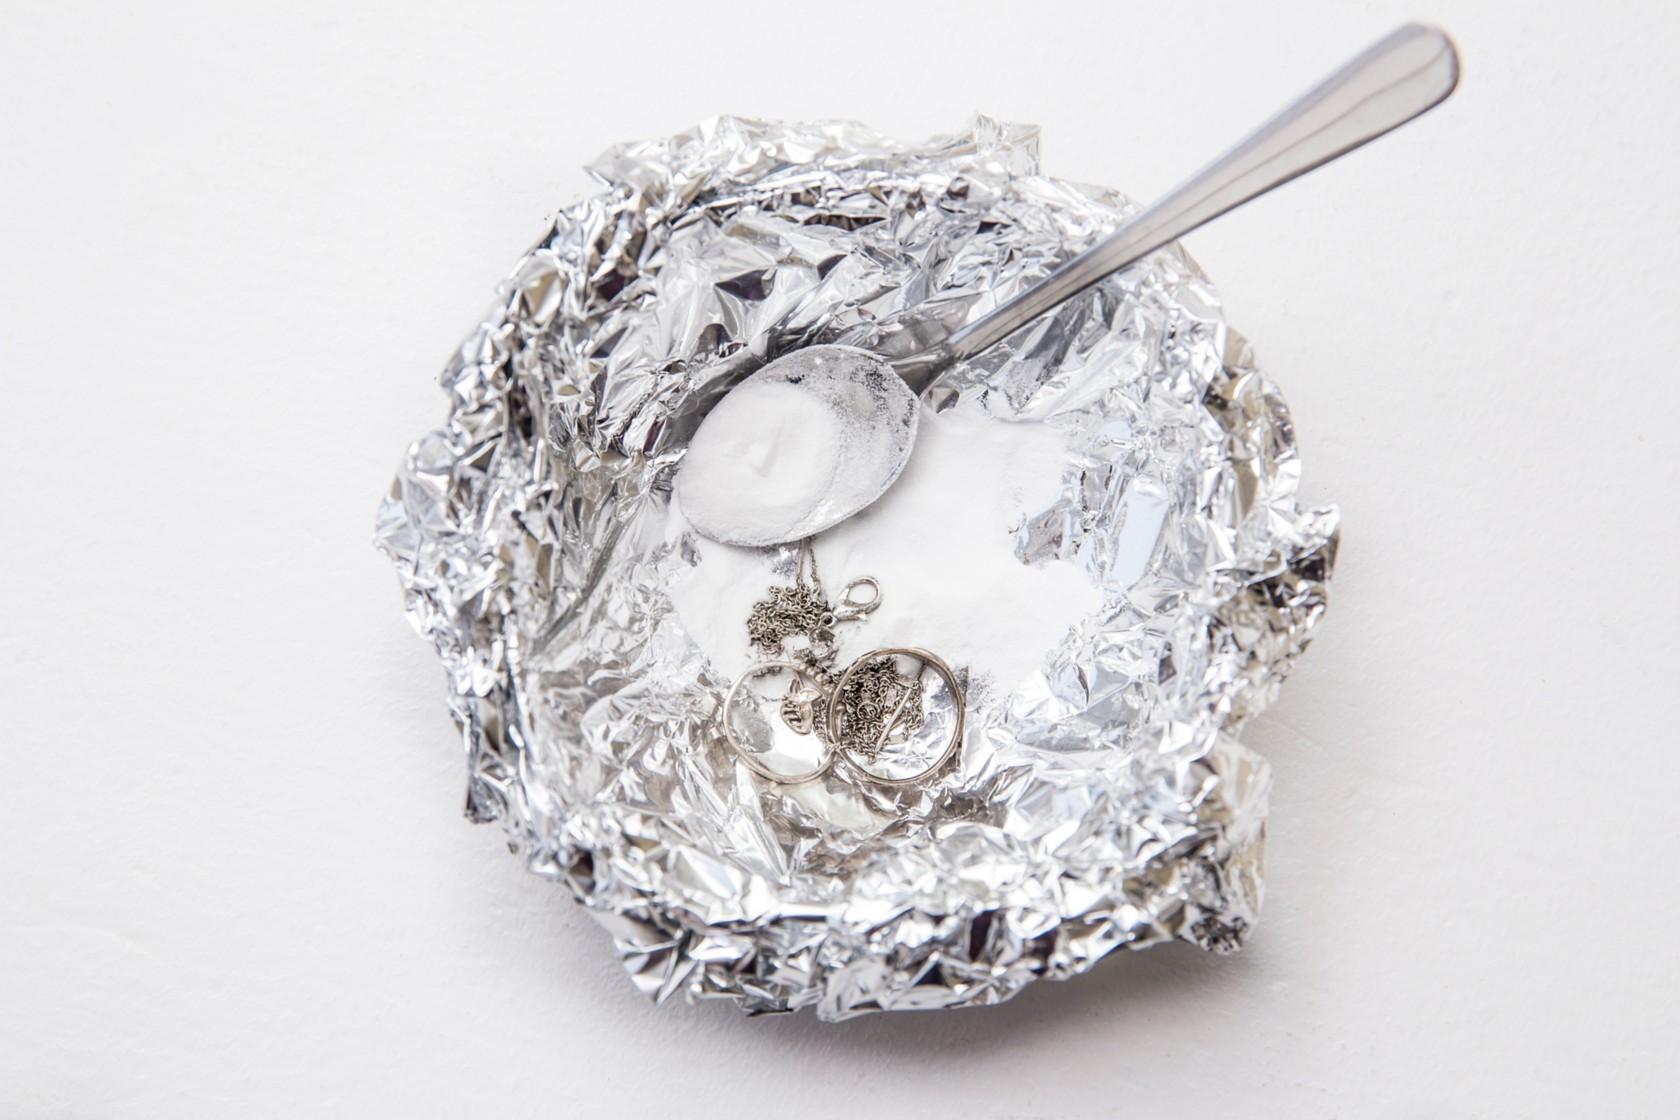 Silber putzen, man braucht eine mit Alufolie ausgekleidete Schüssel, gefüllt mit heißem Wasser und Salz